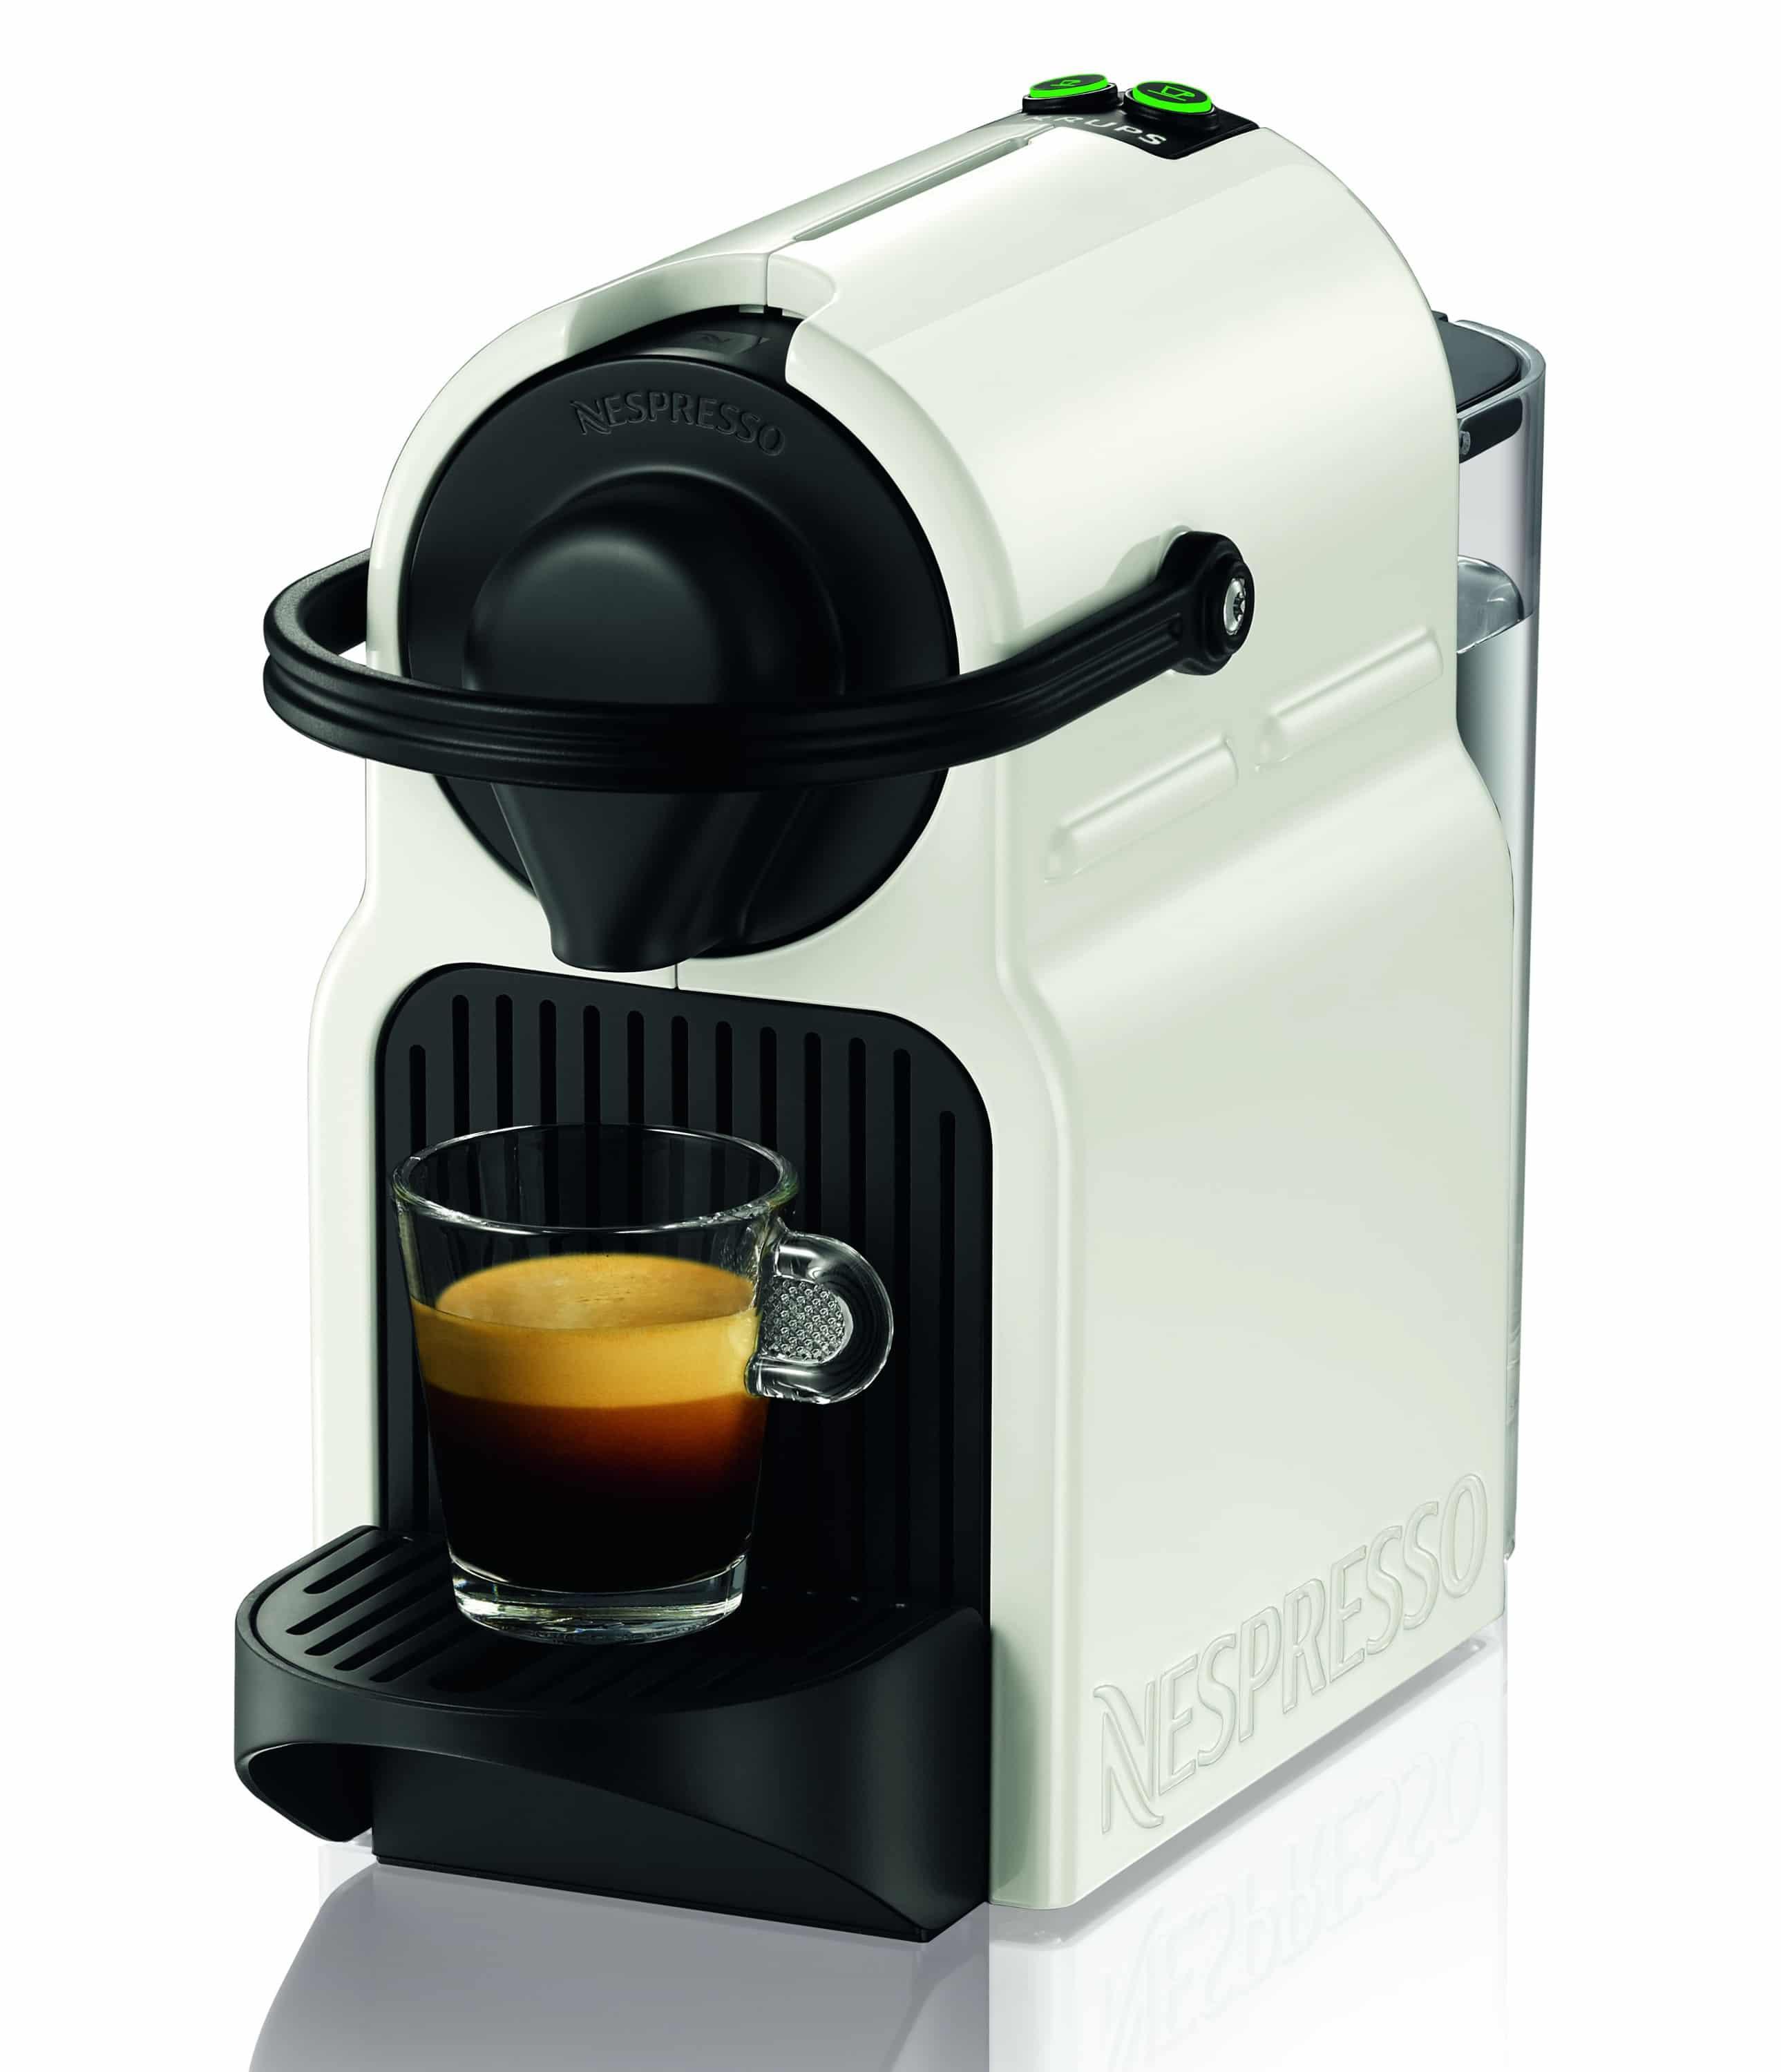 cafetiere nespresso laquelle choisir